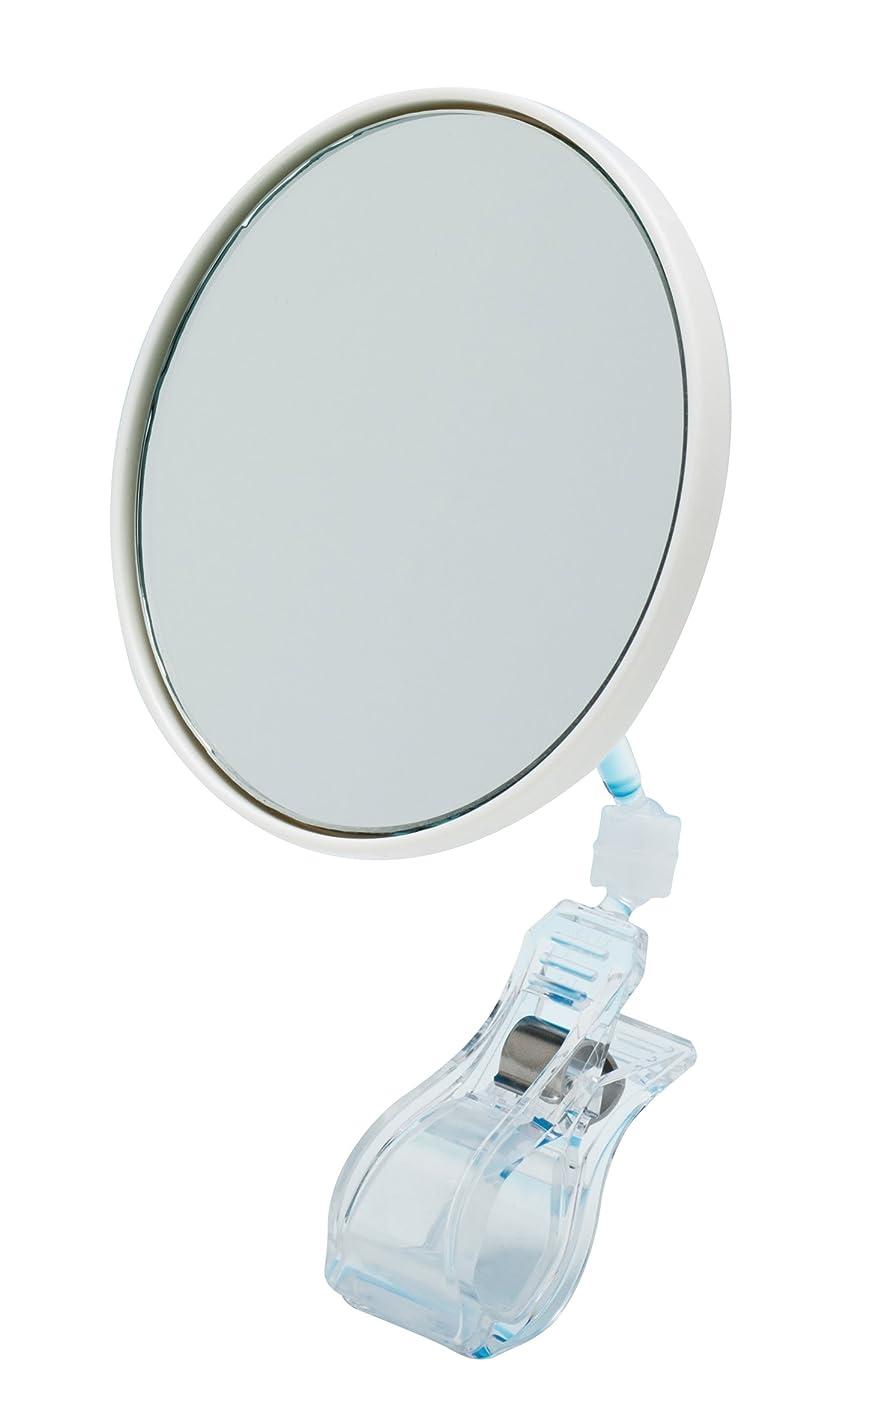 促進する櫛解凍する、雪解け、霜解けワンプラスクリップミラー×3倍鏡 拡大鏡 PC-03